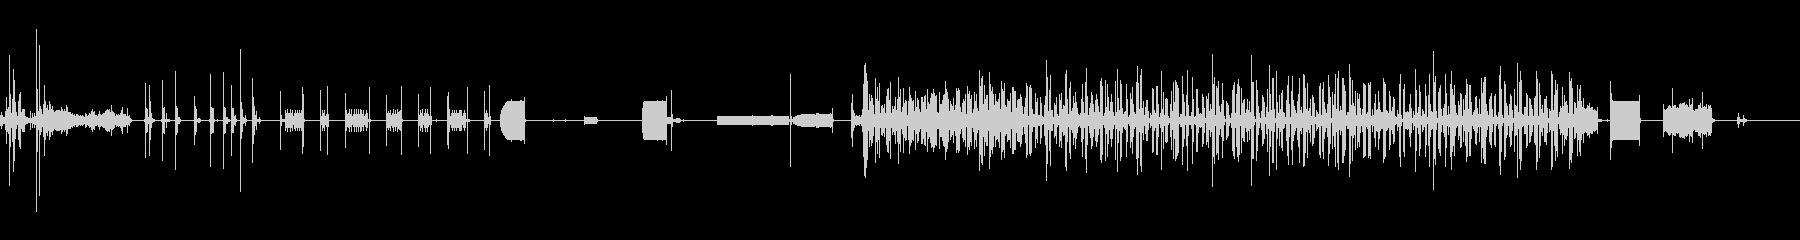 ファックス機-送信-オフィスの未再生の波形